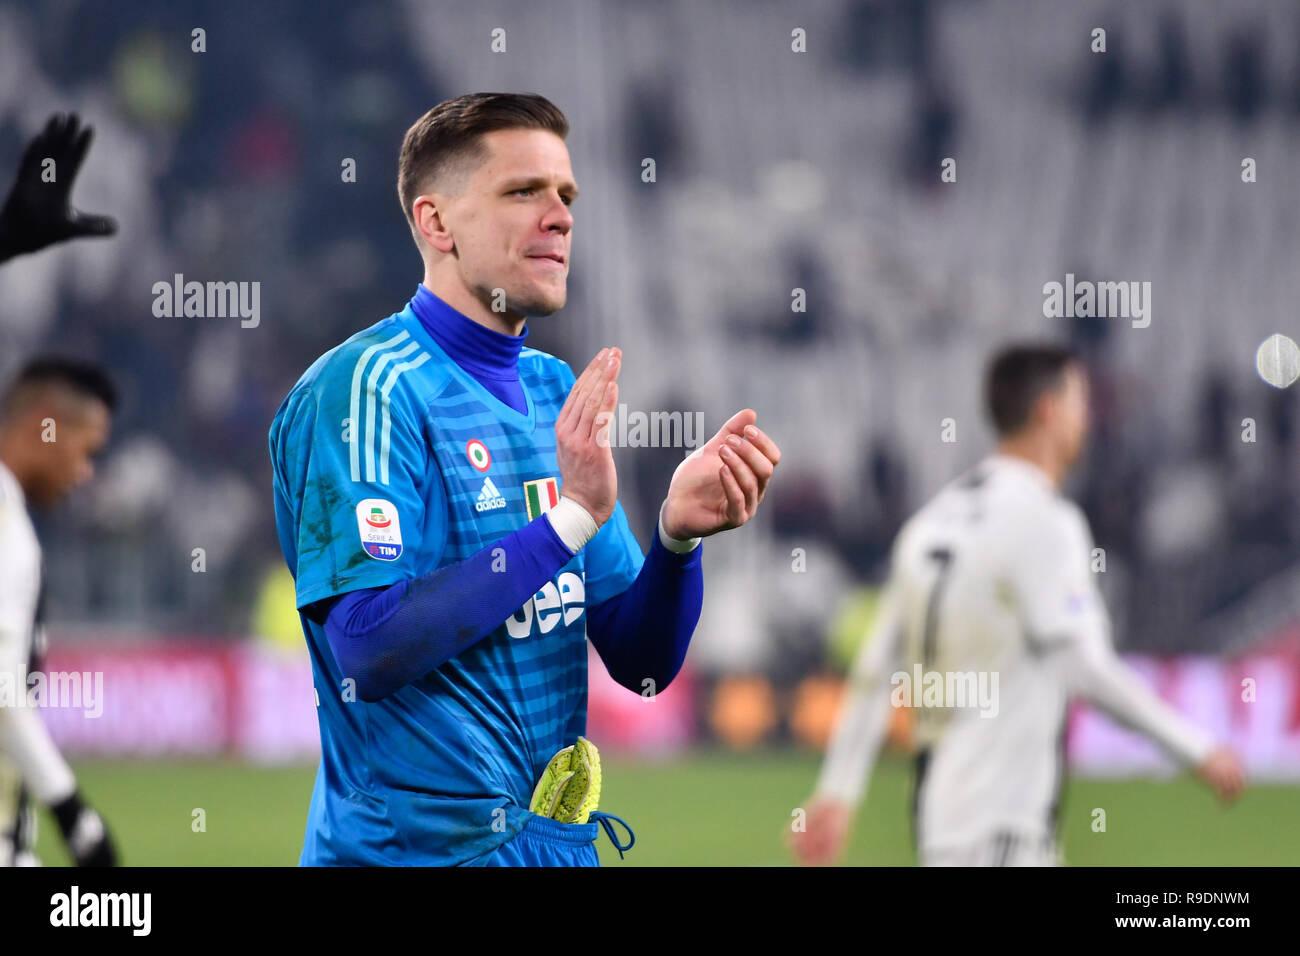 e8440fed176 Wojciech Szczesny Juventus Fc Stock Photos & Wojciech Szczesny ...